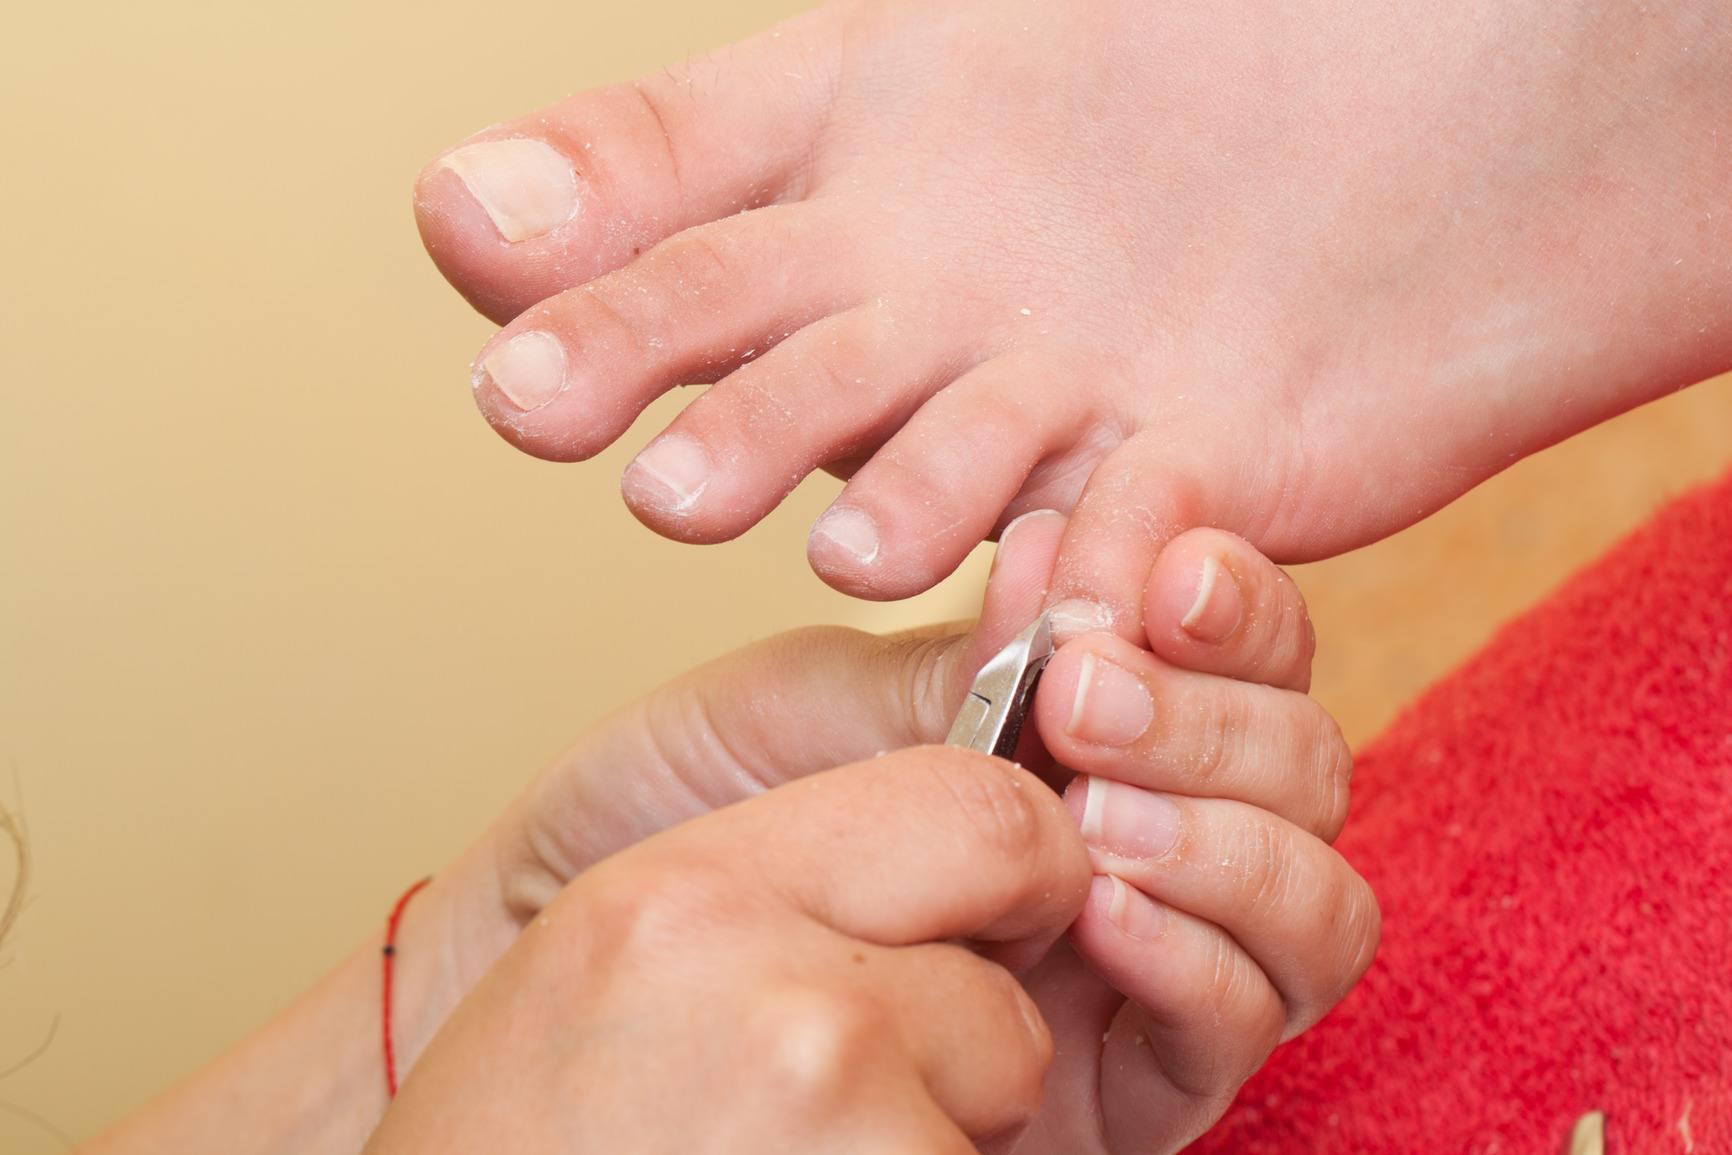 Groeien nagels 1